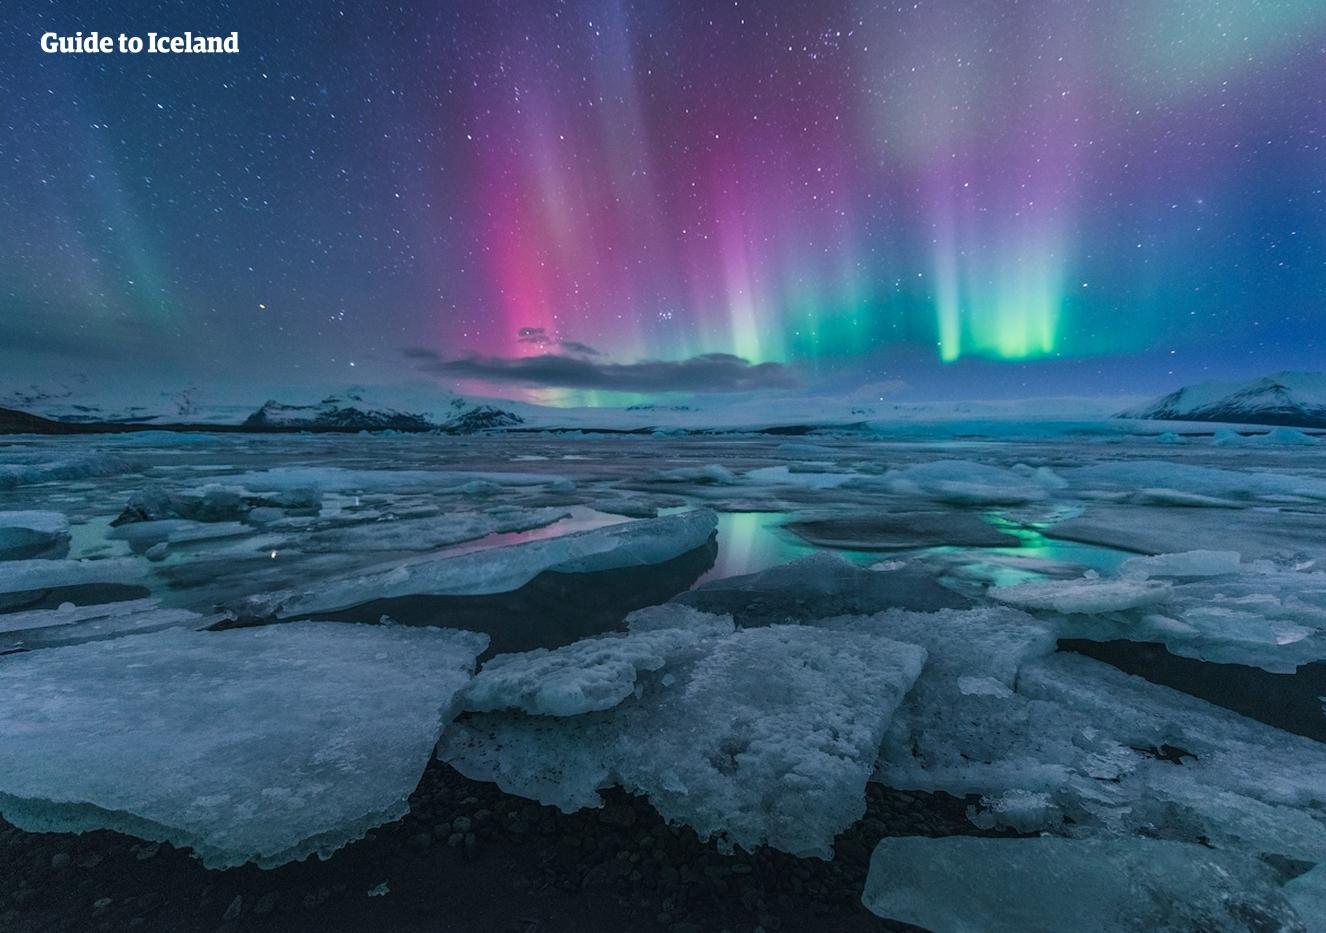 Het prachtige noorderlicht dat in de lucht boven de Jökulsárlón-gletsjerlagune danst